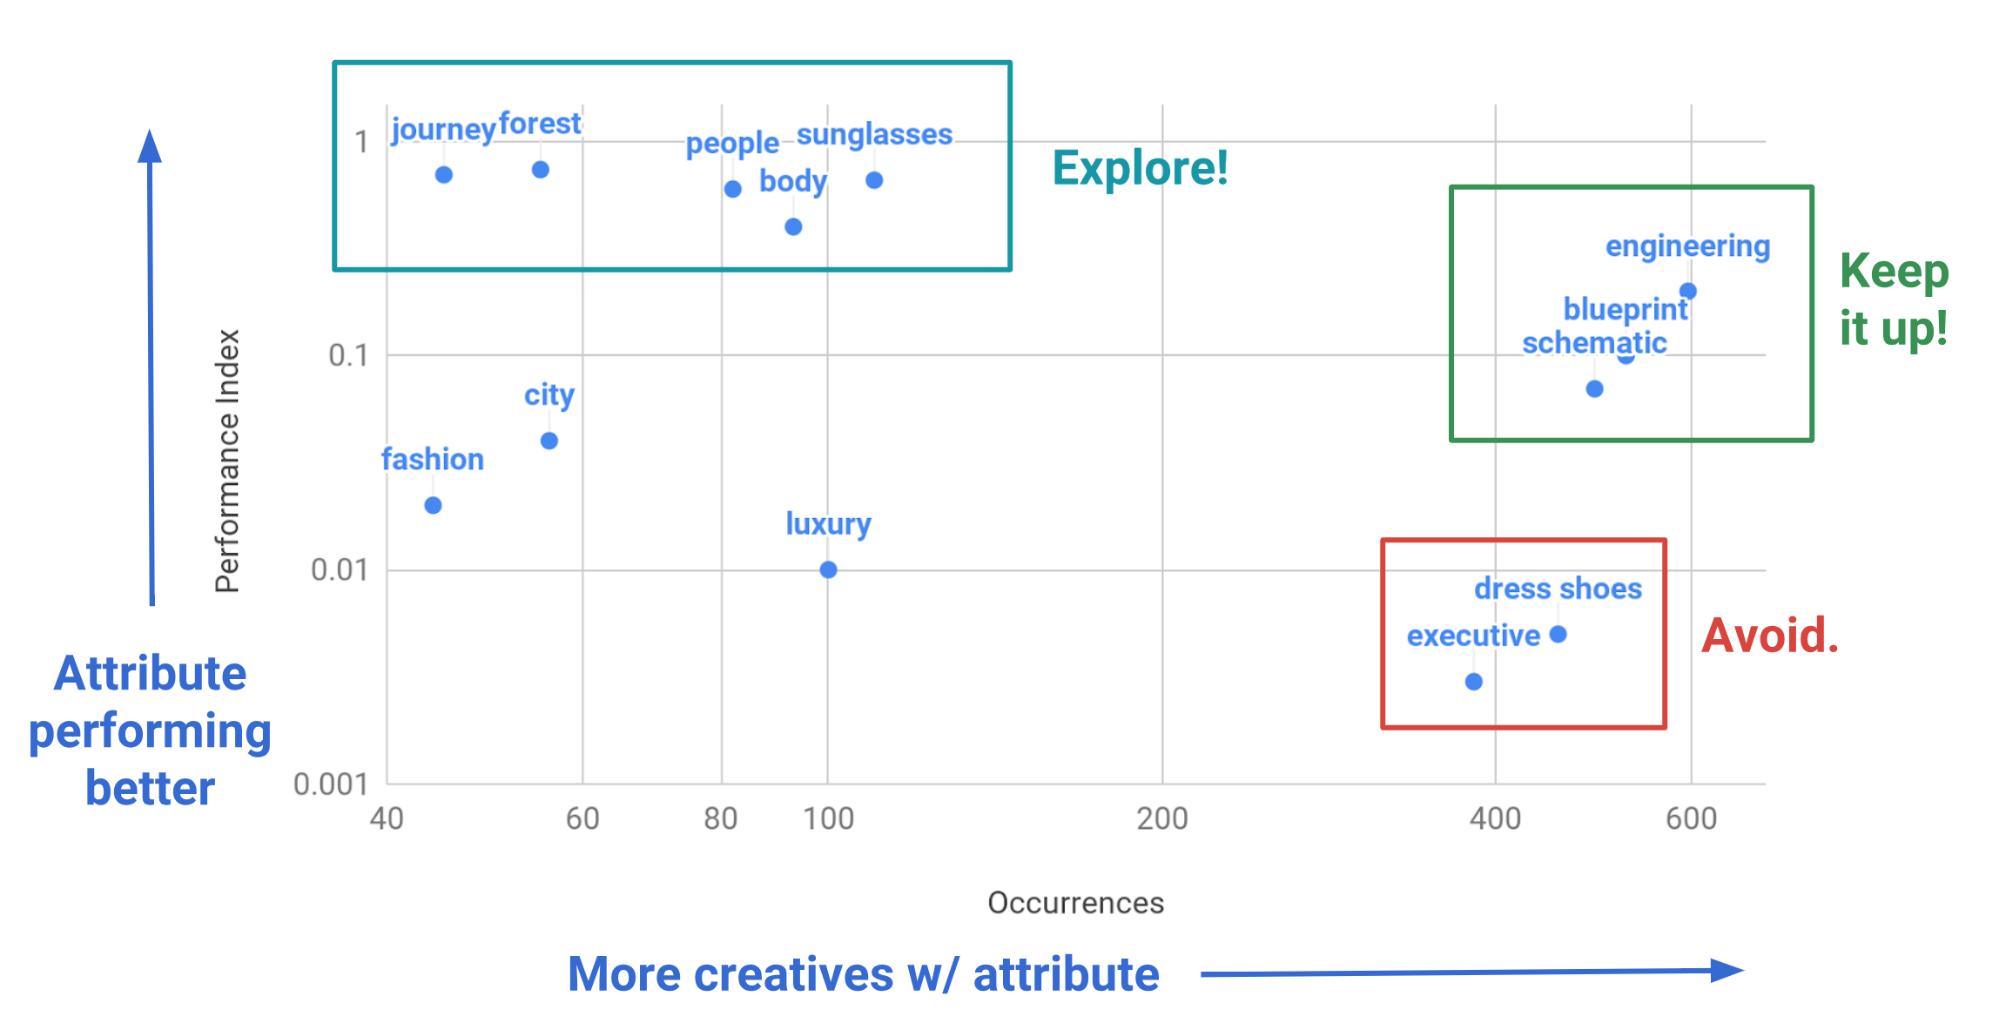 Grafik zur Häufigkeit, mit der ein Label vorkommt, und zum Leistungsindex des Creatives